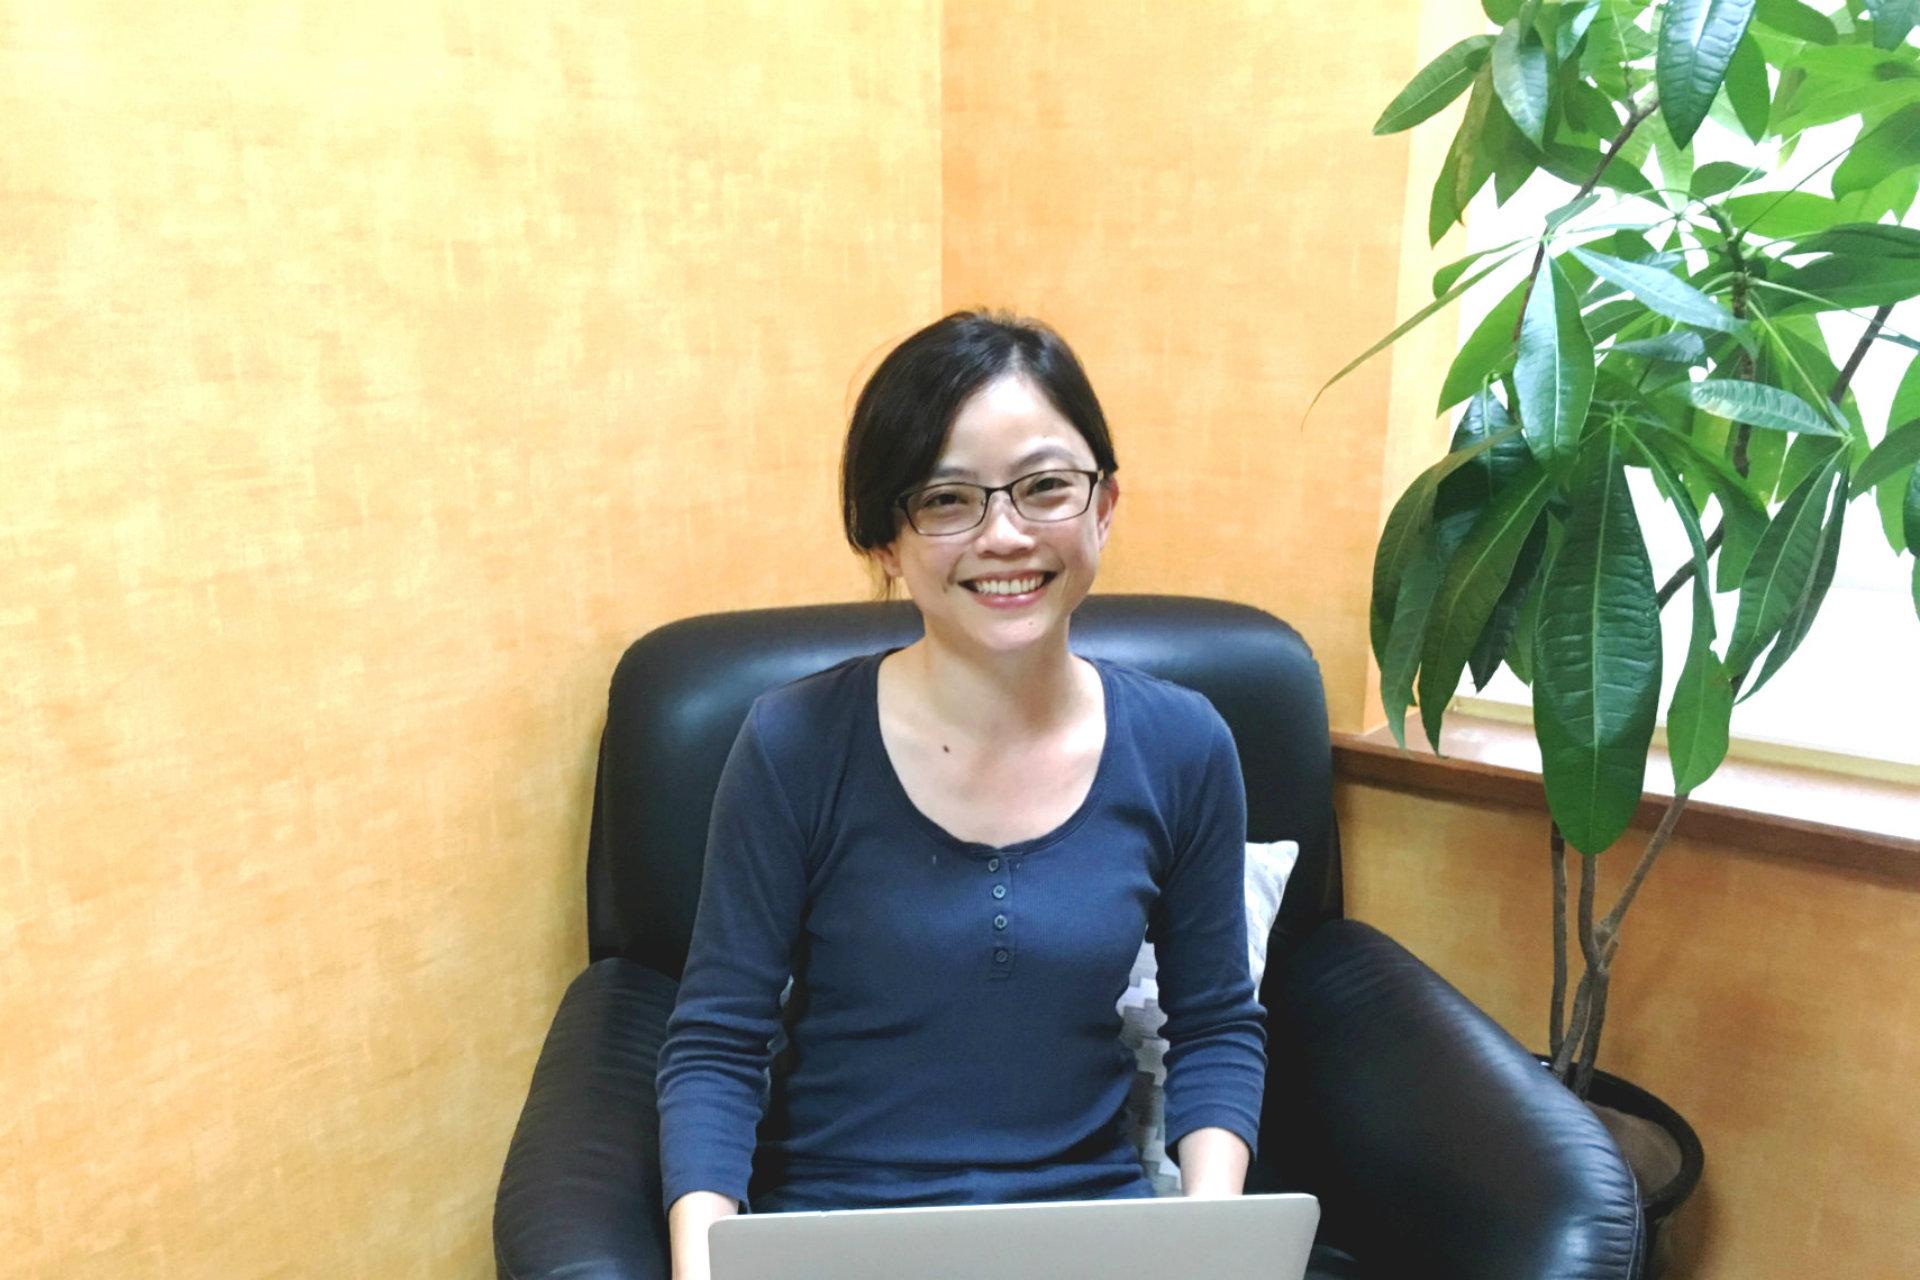 【語音專訪科技業】現在學程式真的來得及?重點是妳想解決什麼 - Bootcamps Lead, Girls in Tech,  Dyan Yen